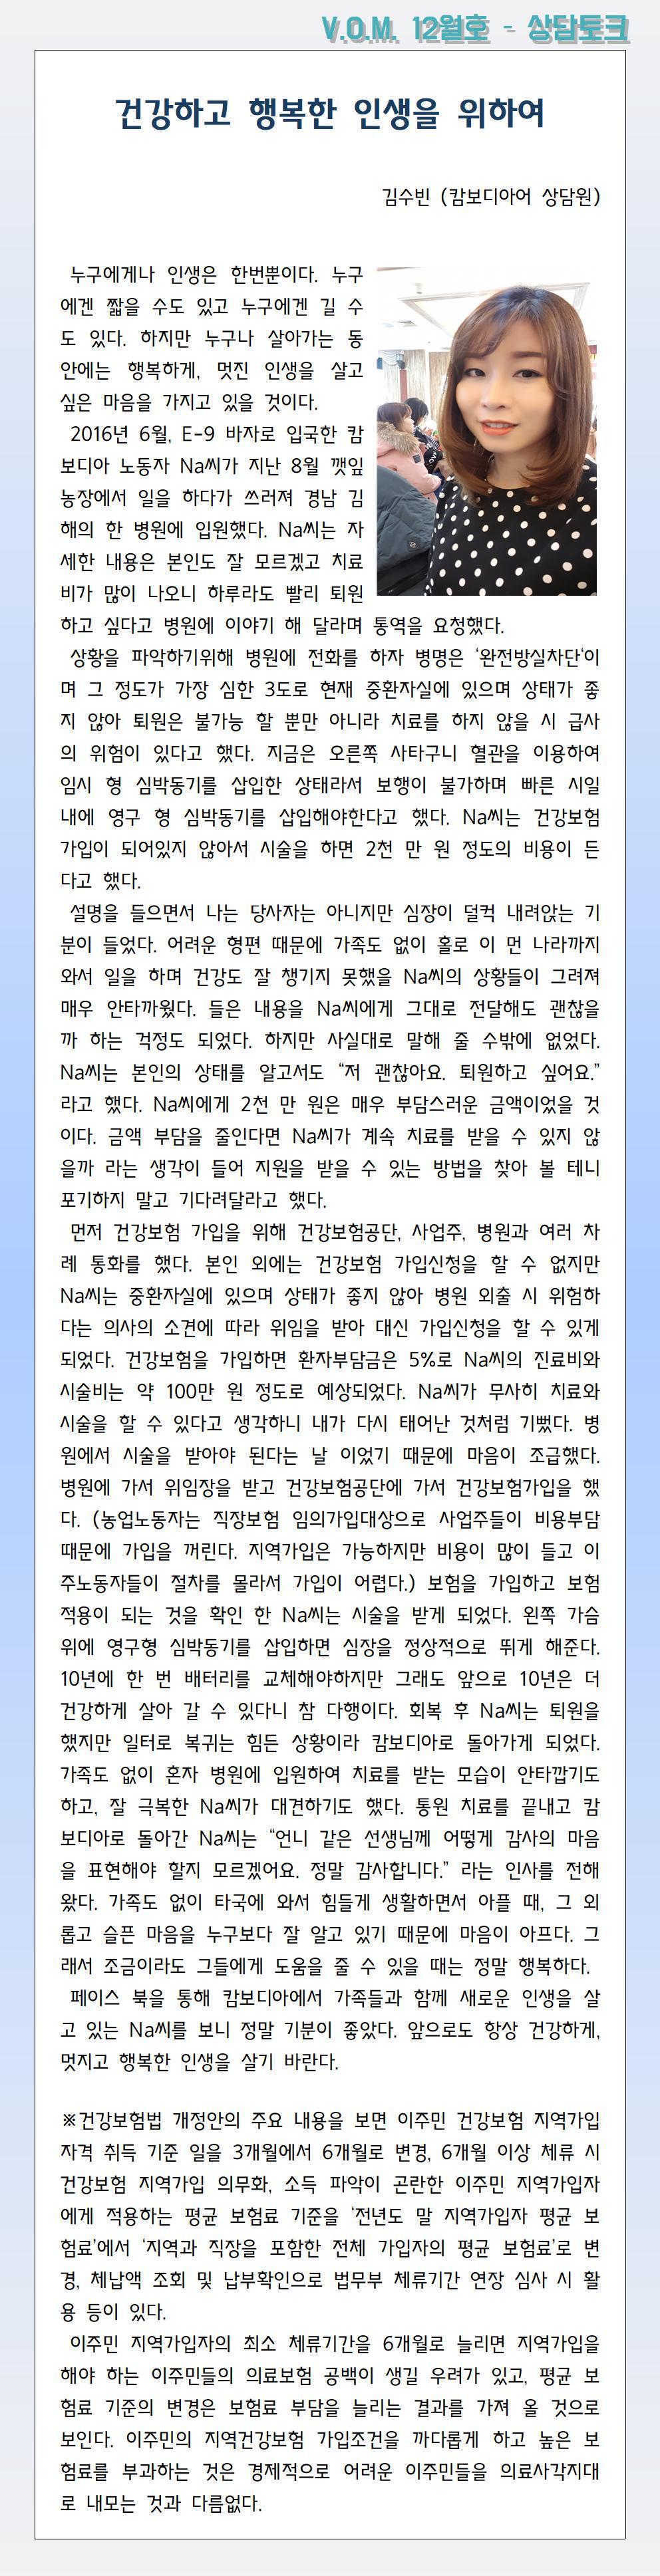 01. 상담토크 - 김수빈 수정본001